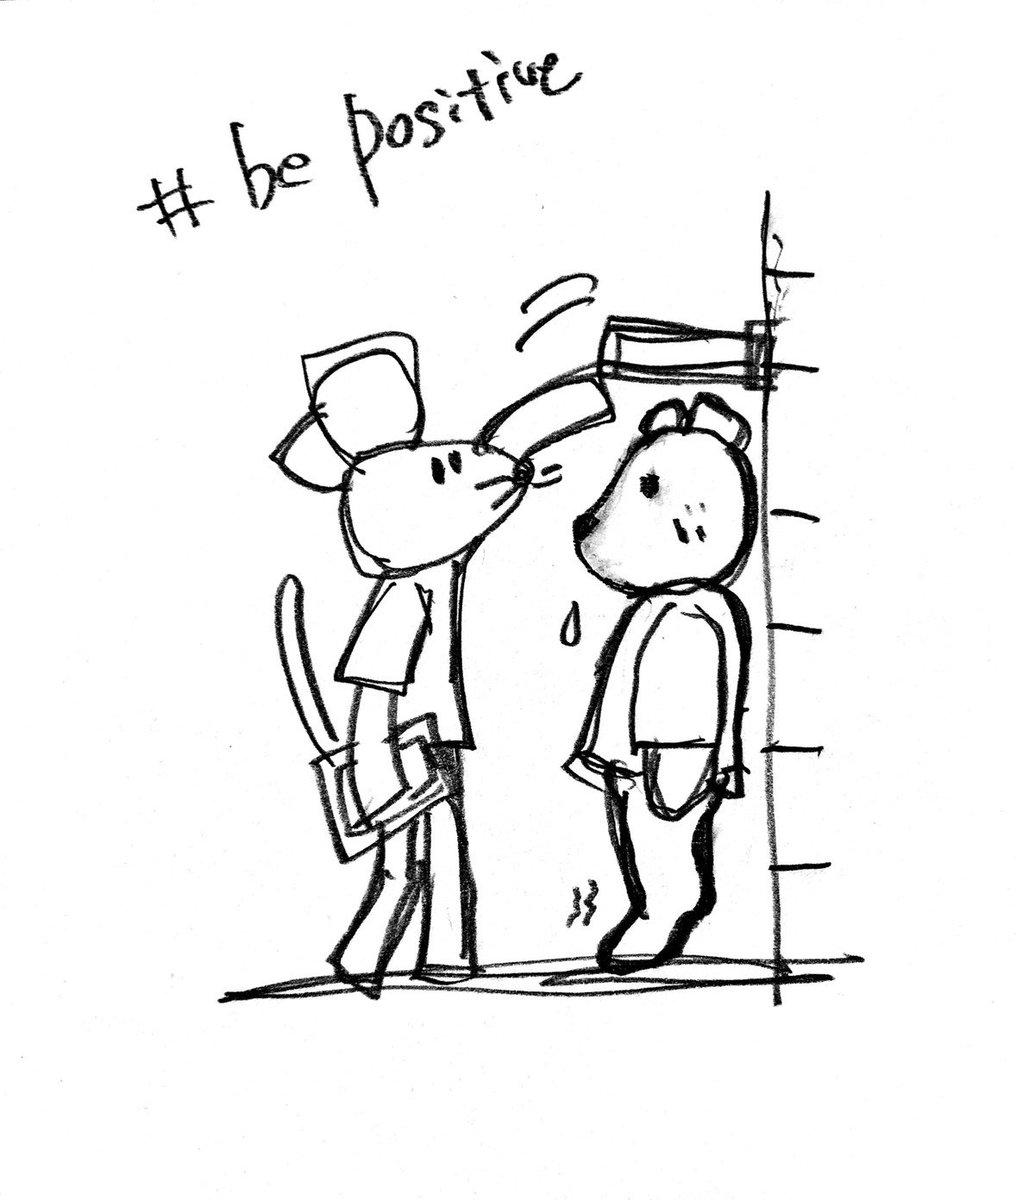 Kumazo is having a medical checkup today.  きょう、くまぞは健康診断を受けています。  ちゅーじろに身長を測ってもらったけど、 くまぞ、背伸びしないのっ。  みみより上ではかるのが、 くまぞルールなんだって。 そっか、そこ大事ね😊  #doodle #stayhome #illustration  #健康診断 https://t.co/XywjgiyYxX